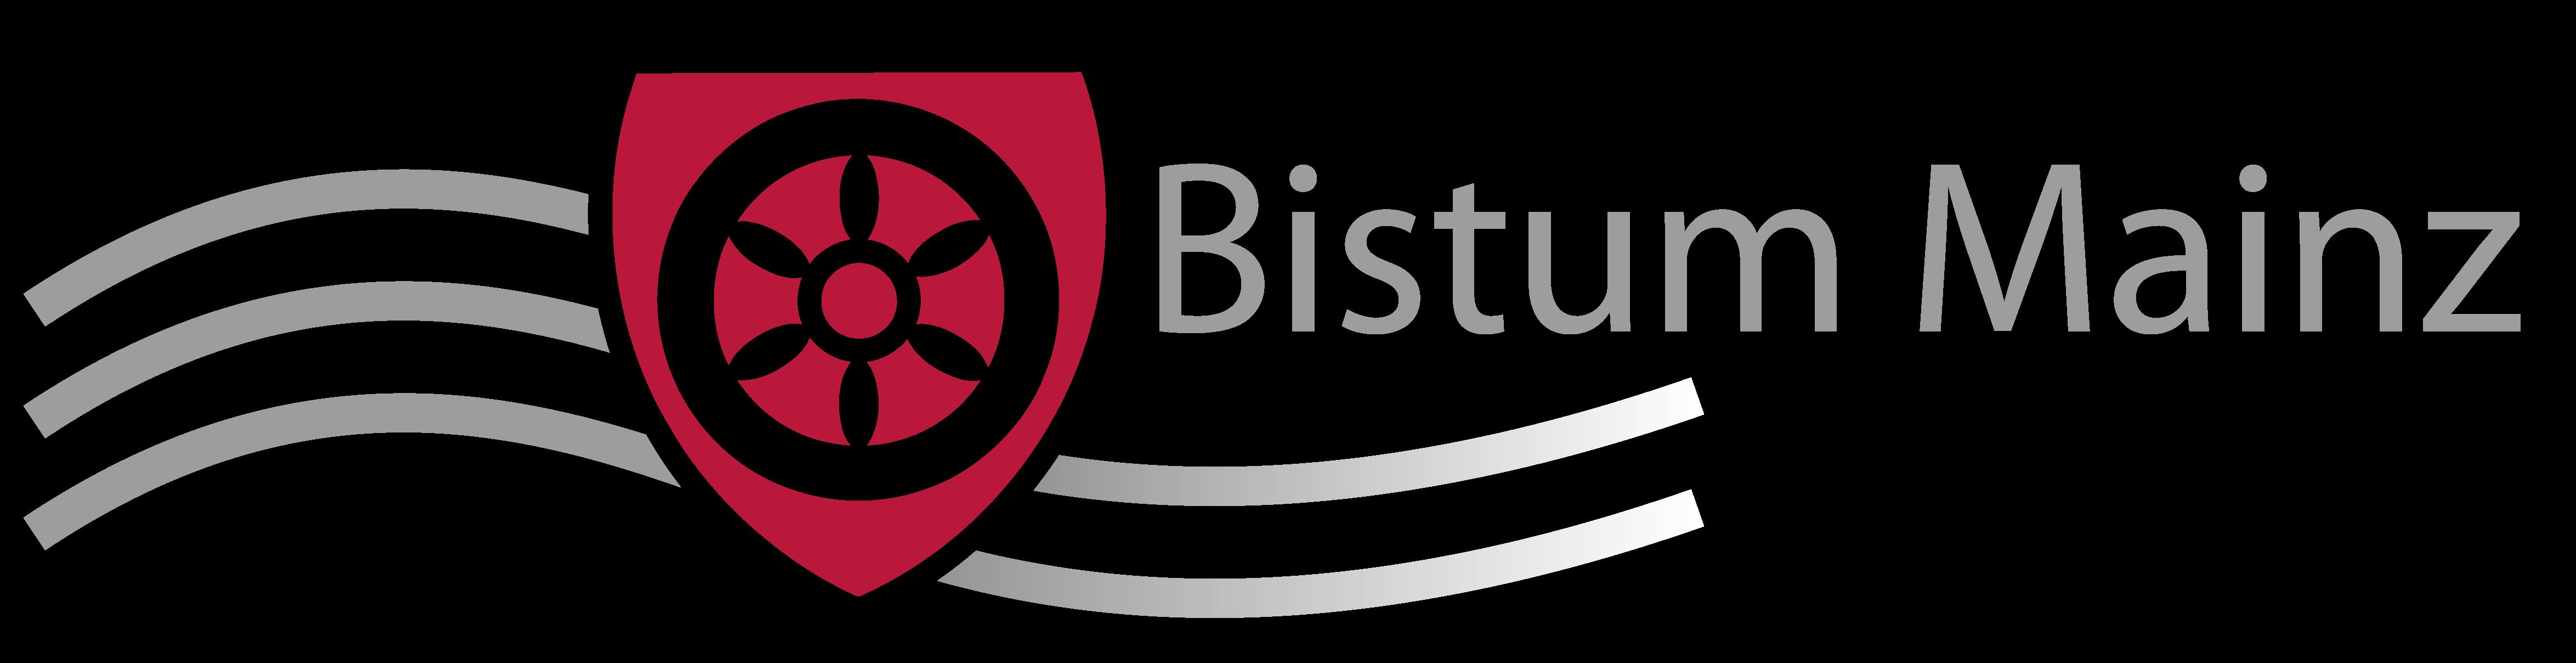 Reliplus Bistum Mainz